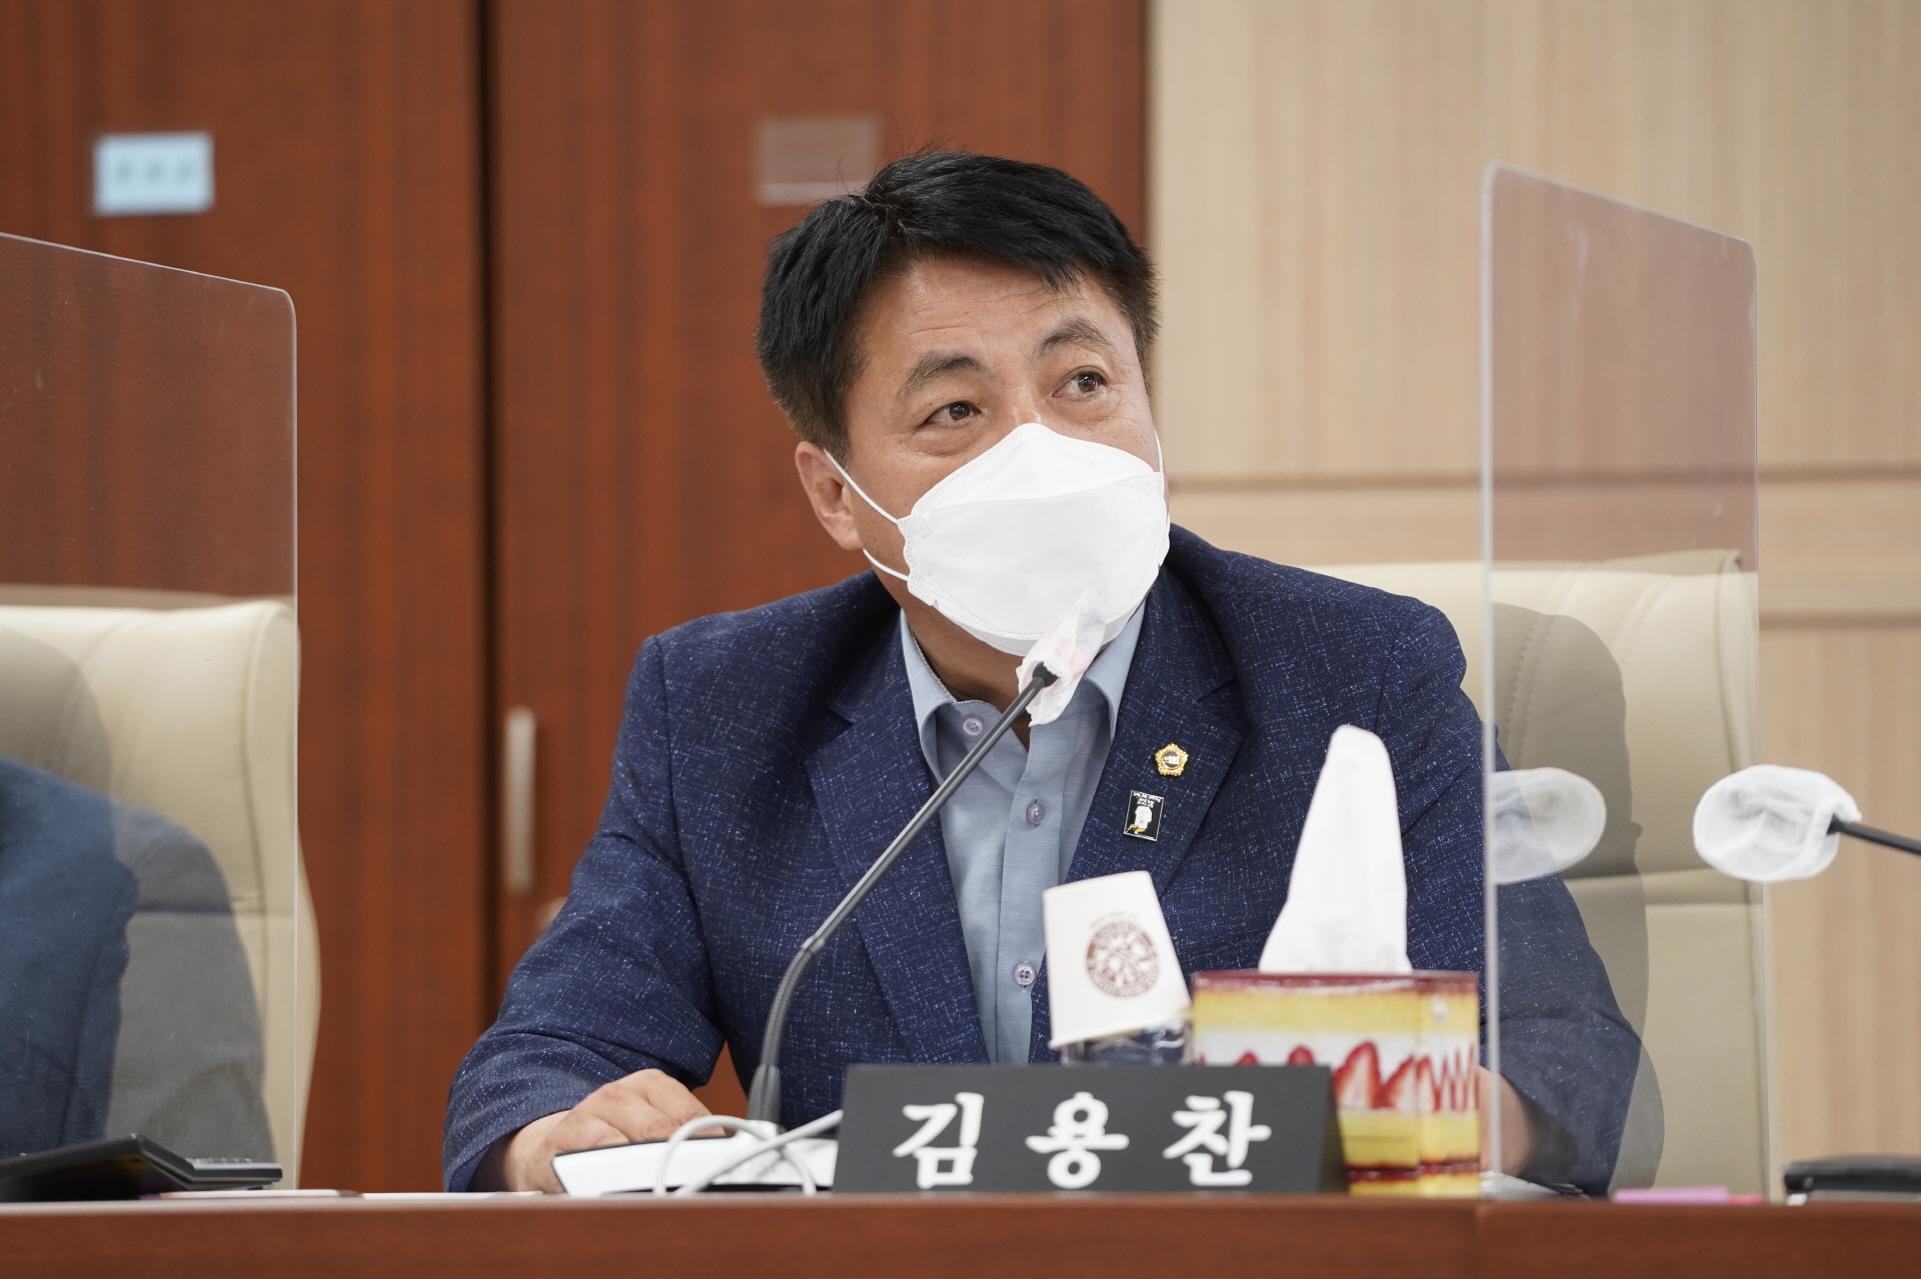 김용찬 의원, 경기도 공용차량 자동차보험 자기부담금 지원 조례안 상임위 통과